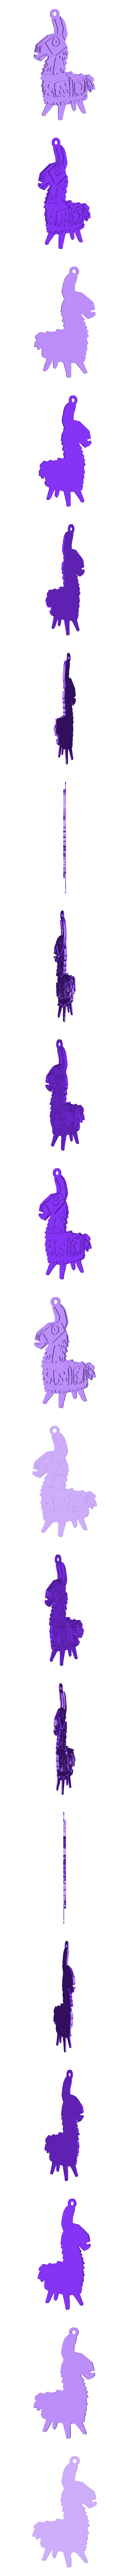 lama.stl Download free STL file Ornamental lama • Model to 3D print, Motek3D